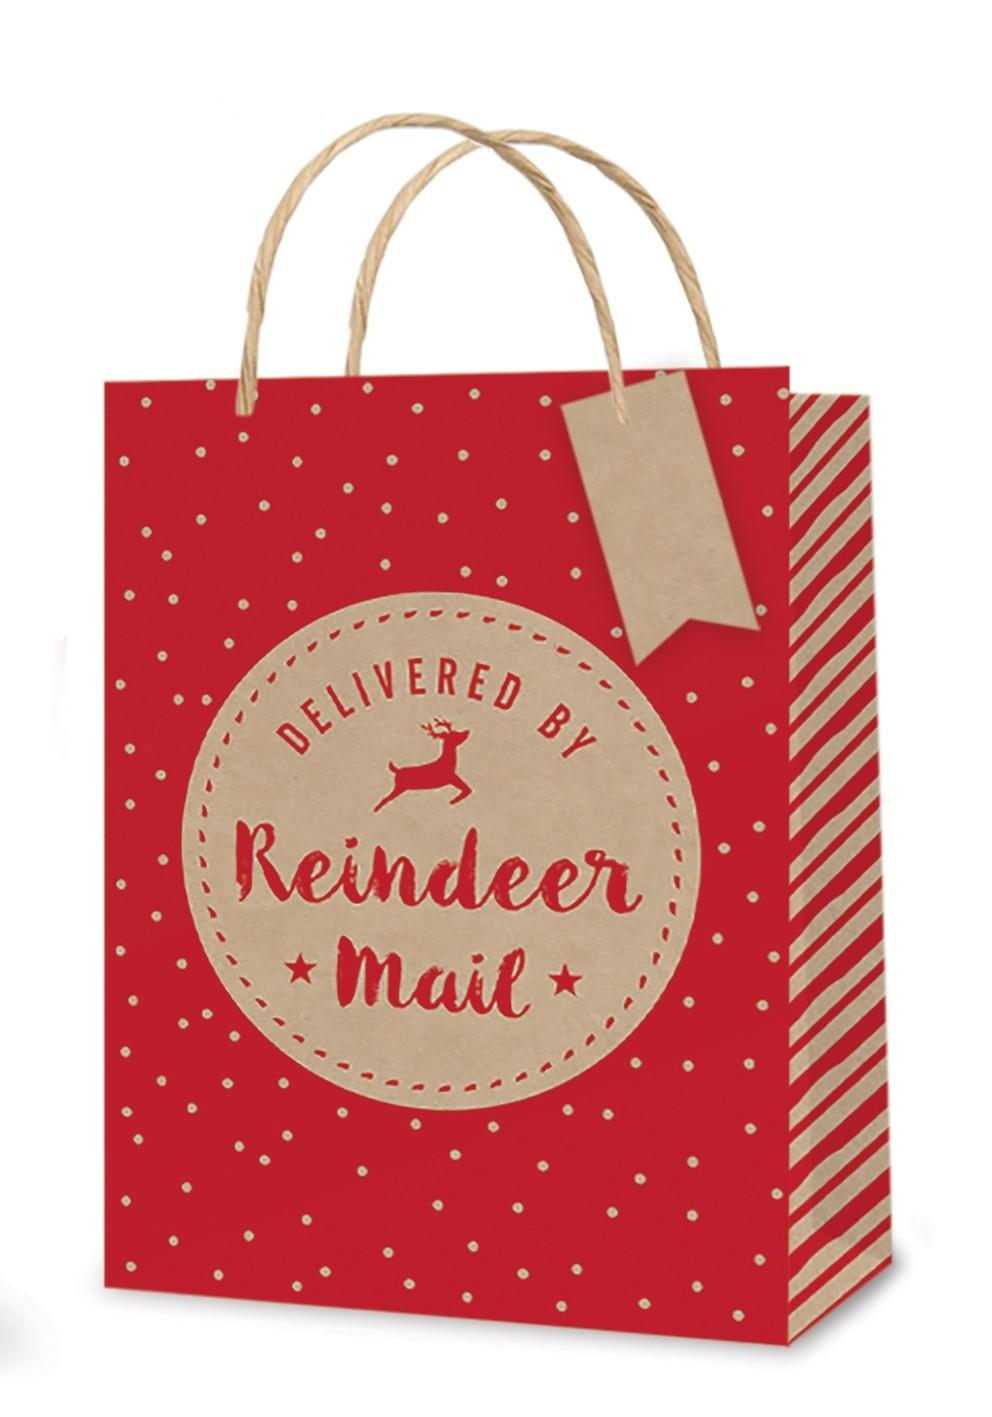 Kraft reindeer mail medium gift bag